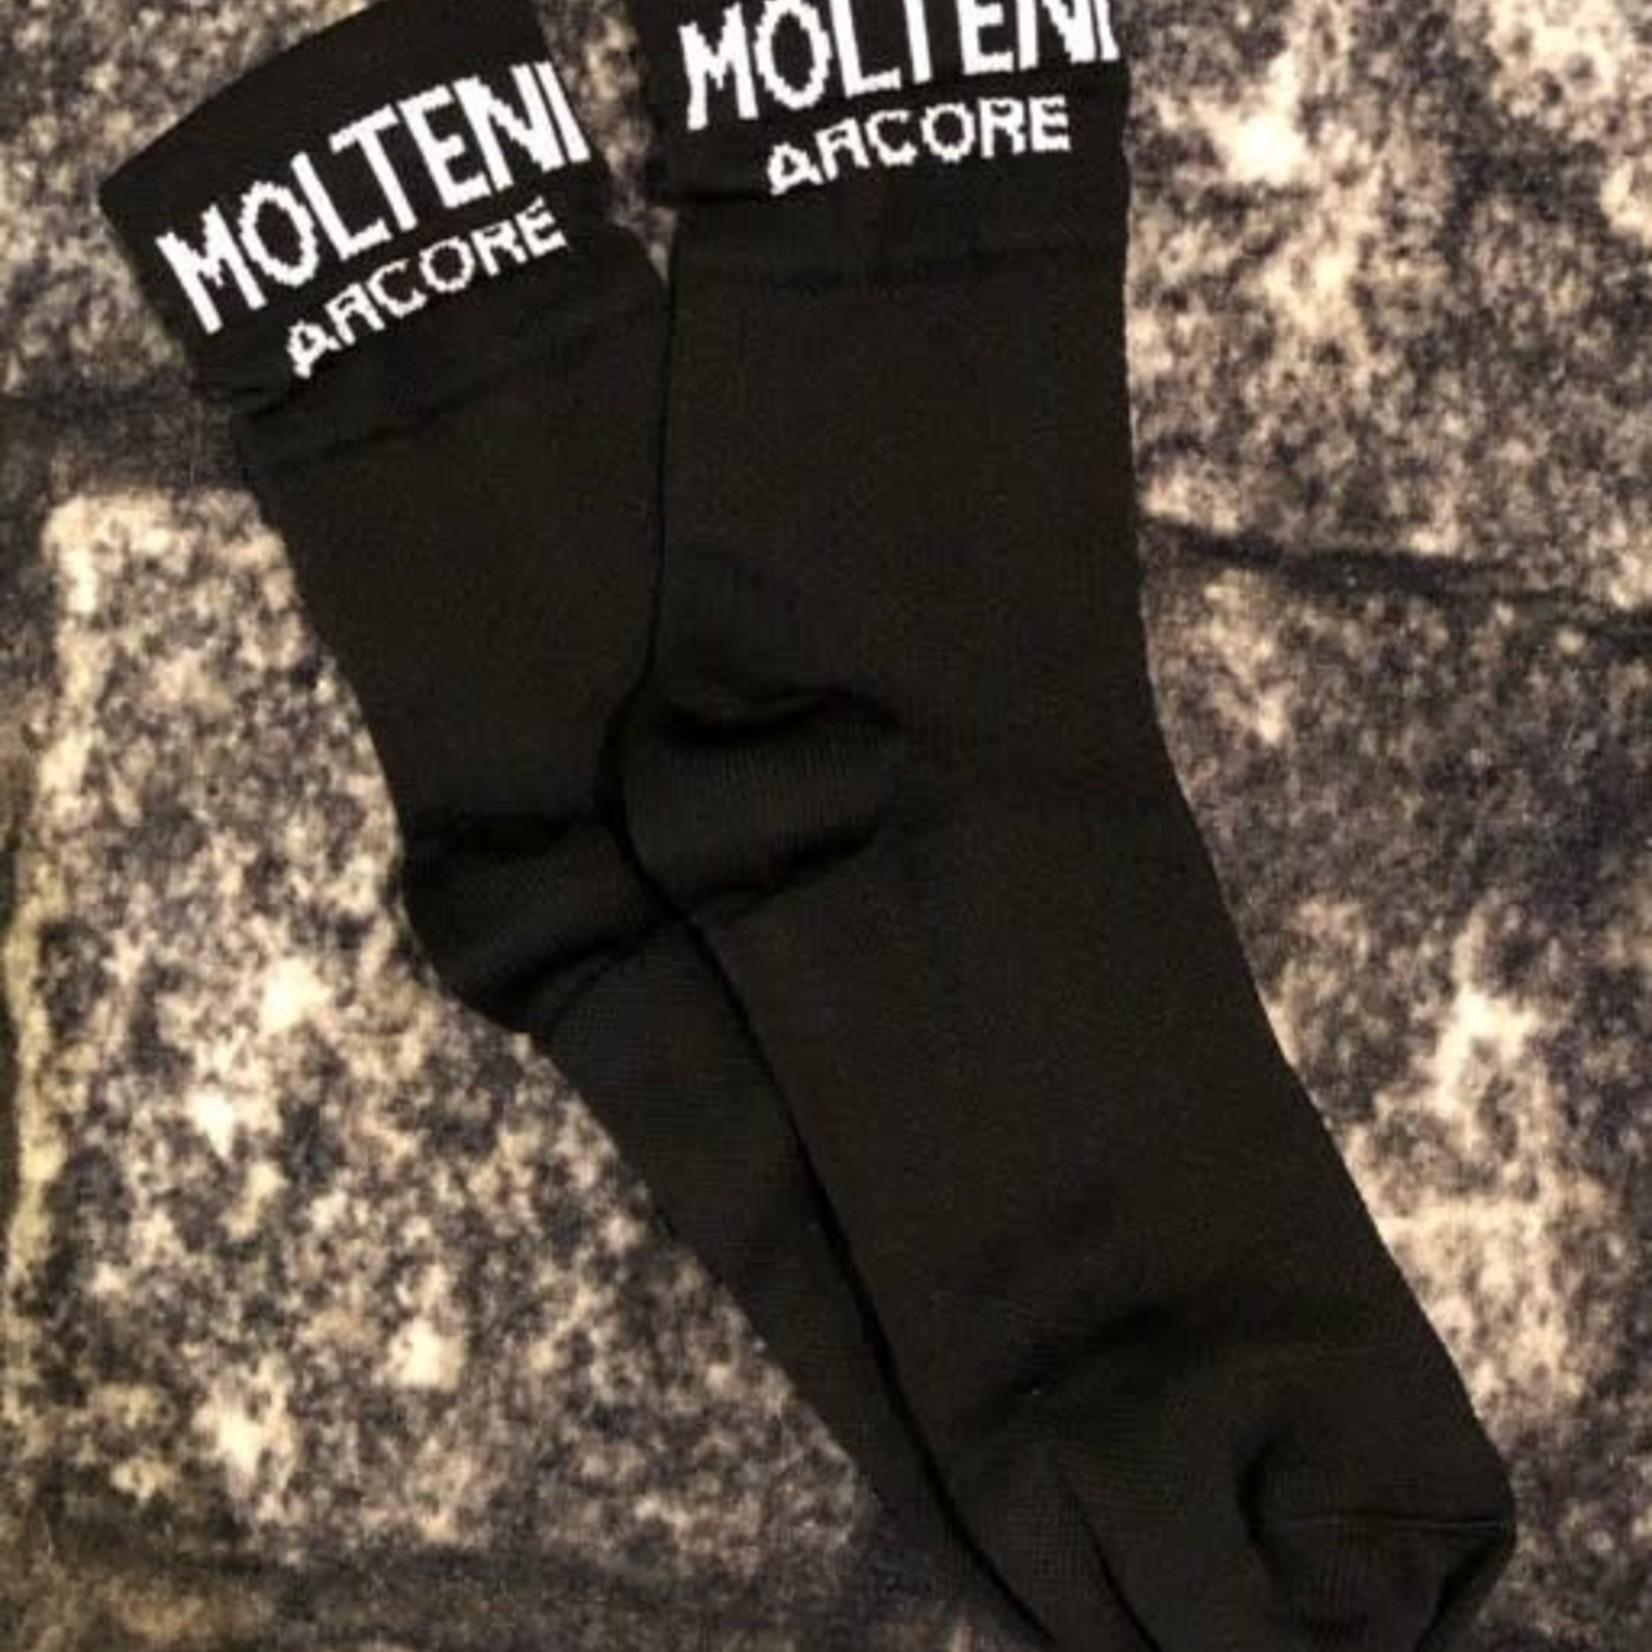 Sokken 'Molteni' zwart